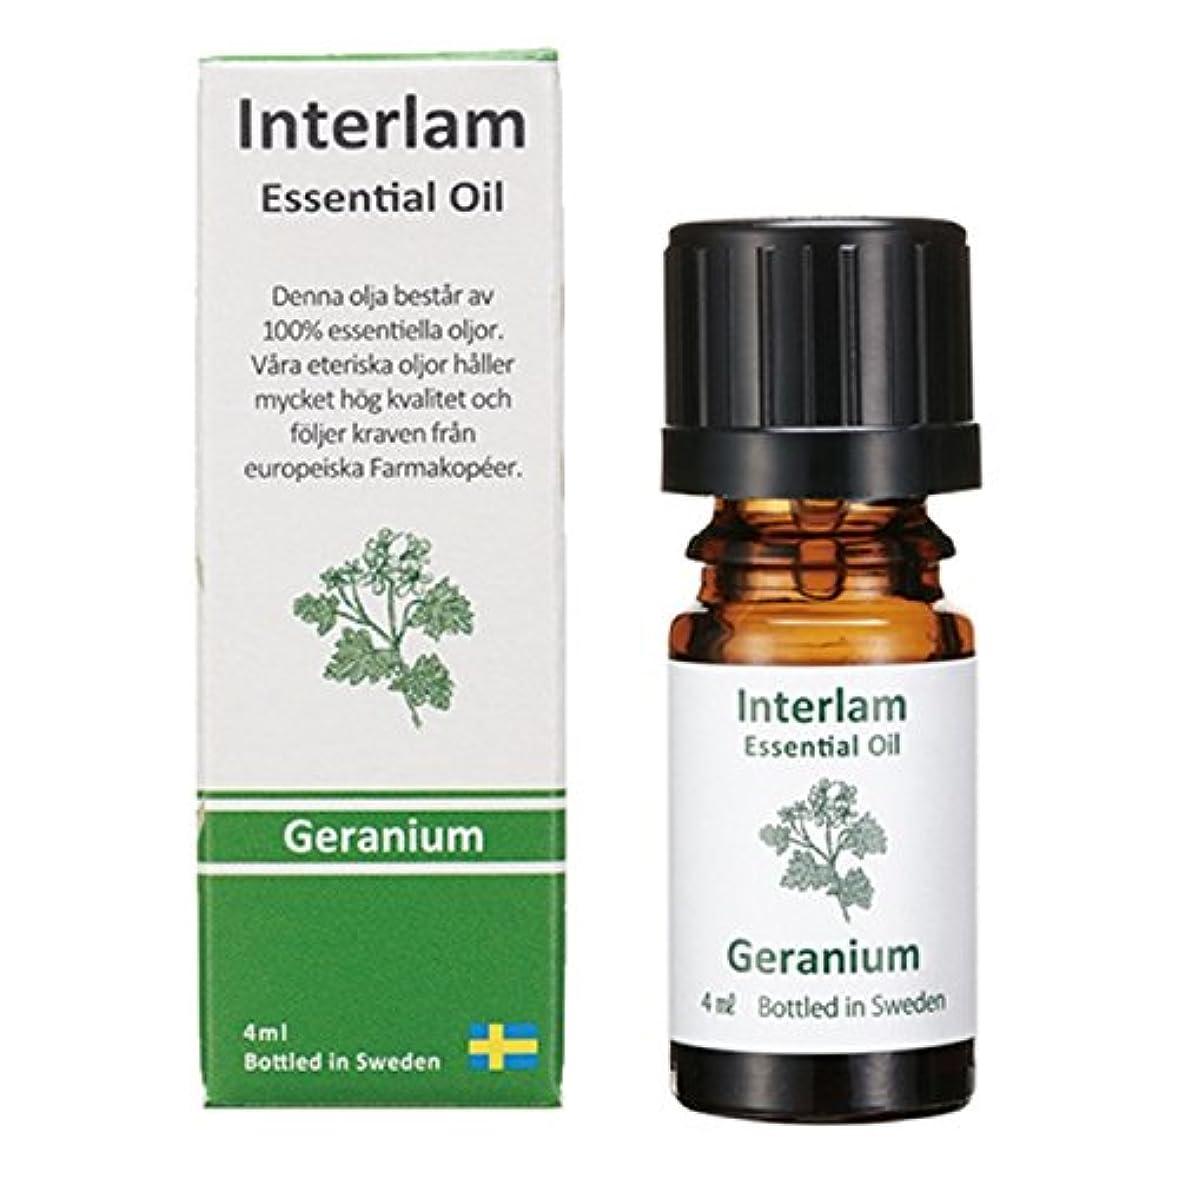 事前に展開する飼料Interlam エッセンシャルオイル ゼラニウム 4ml